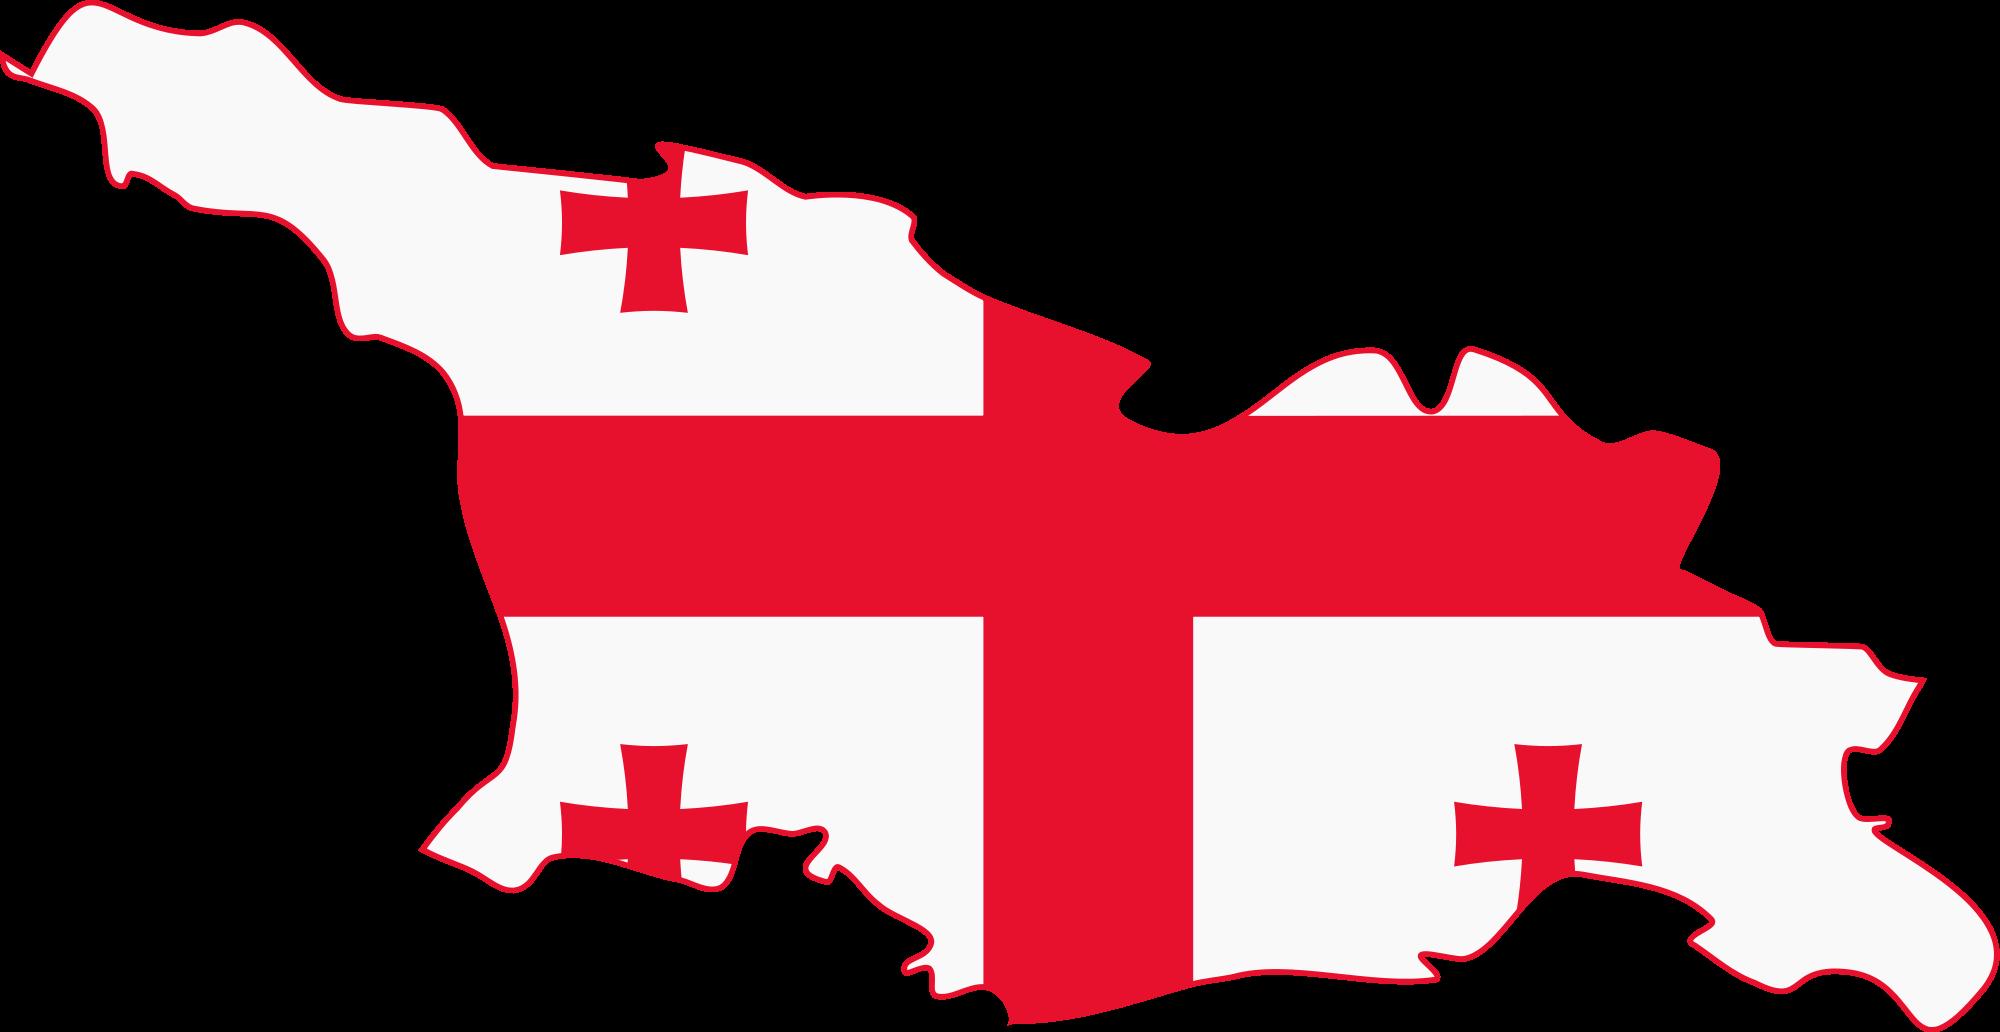 جورجيا-اسيا